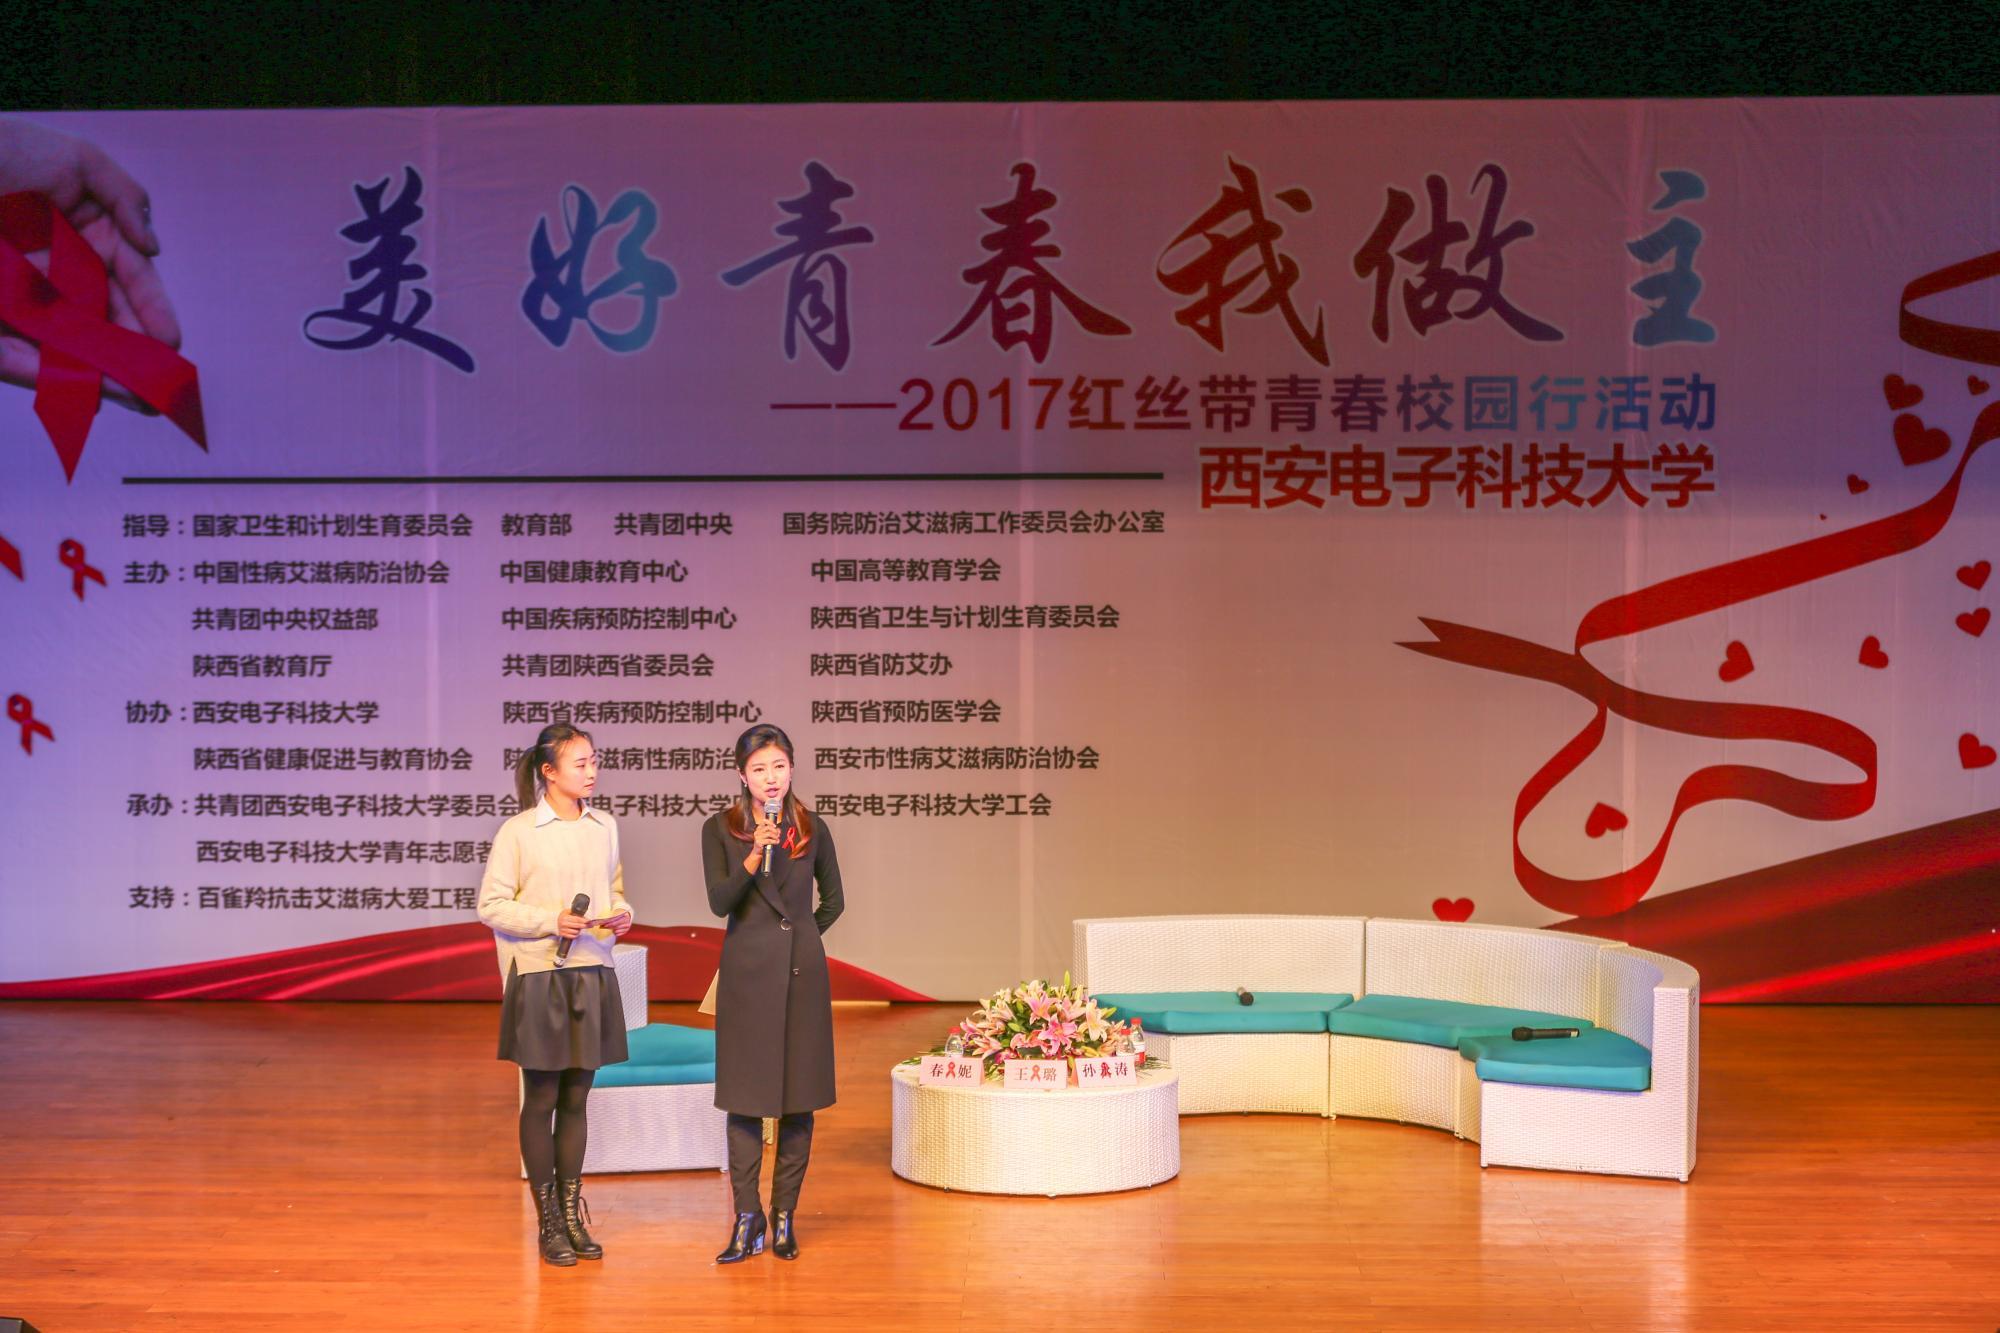 2017中国红丝带青春校园行活动走进西电图片